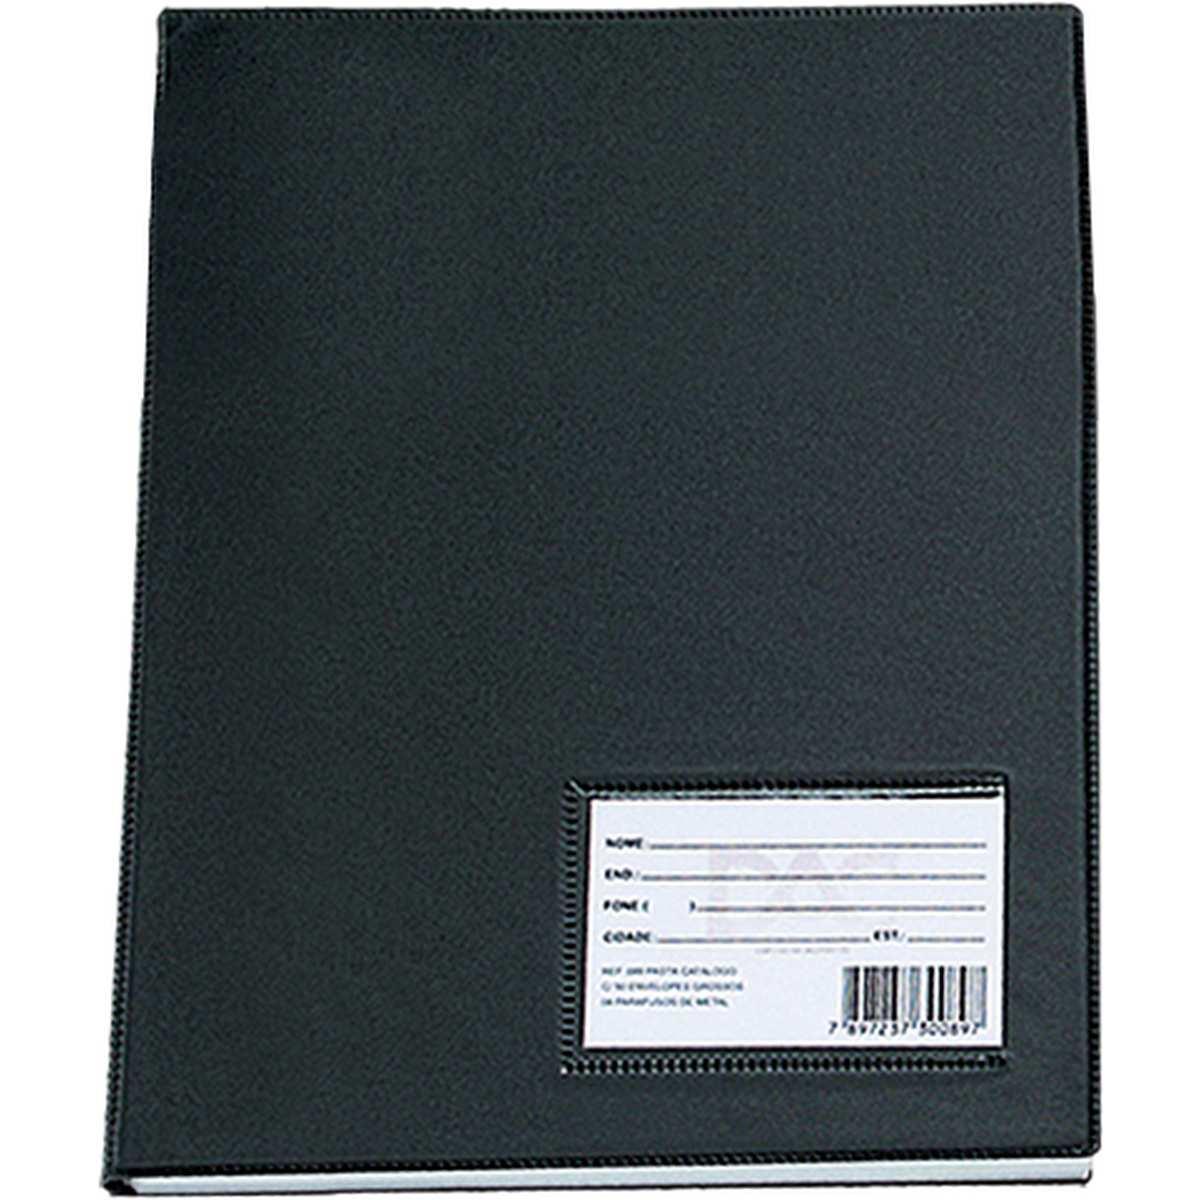 Pasta Catalogo - A3 c/30 Envelopes Medios Preta Pct.c/2 - Dac